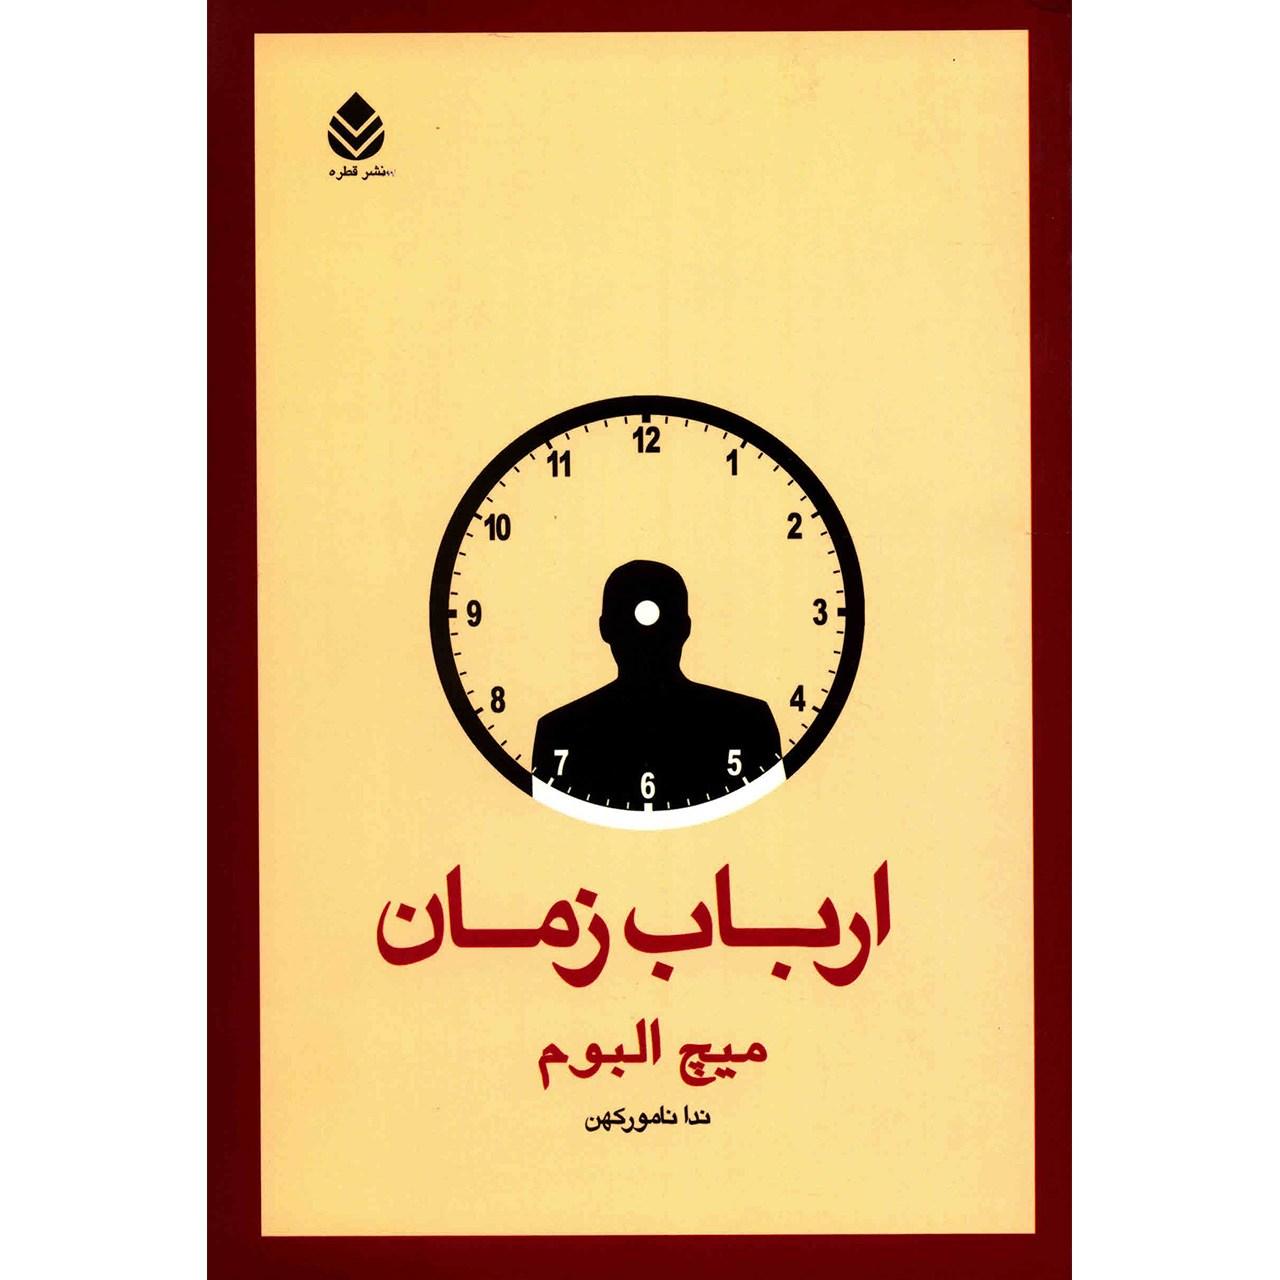 کتاب ارباب زمان اثر میچ البوم